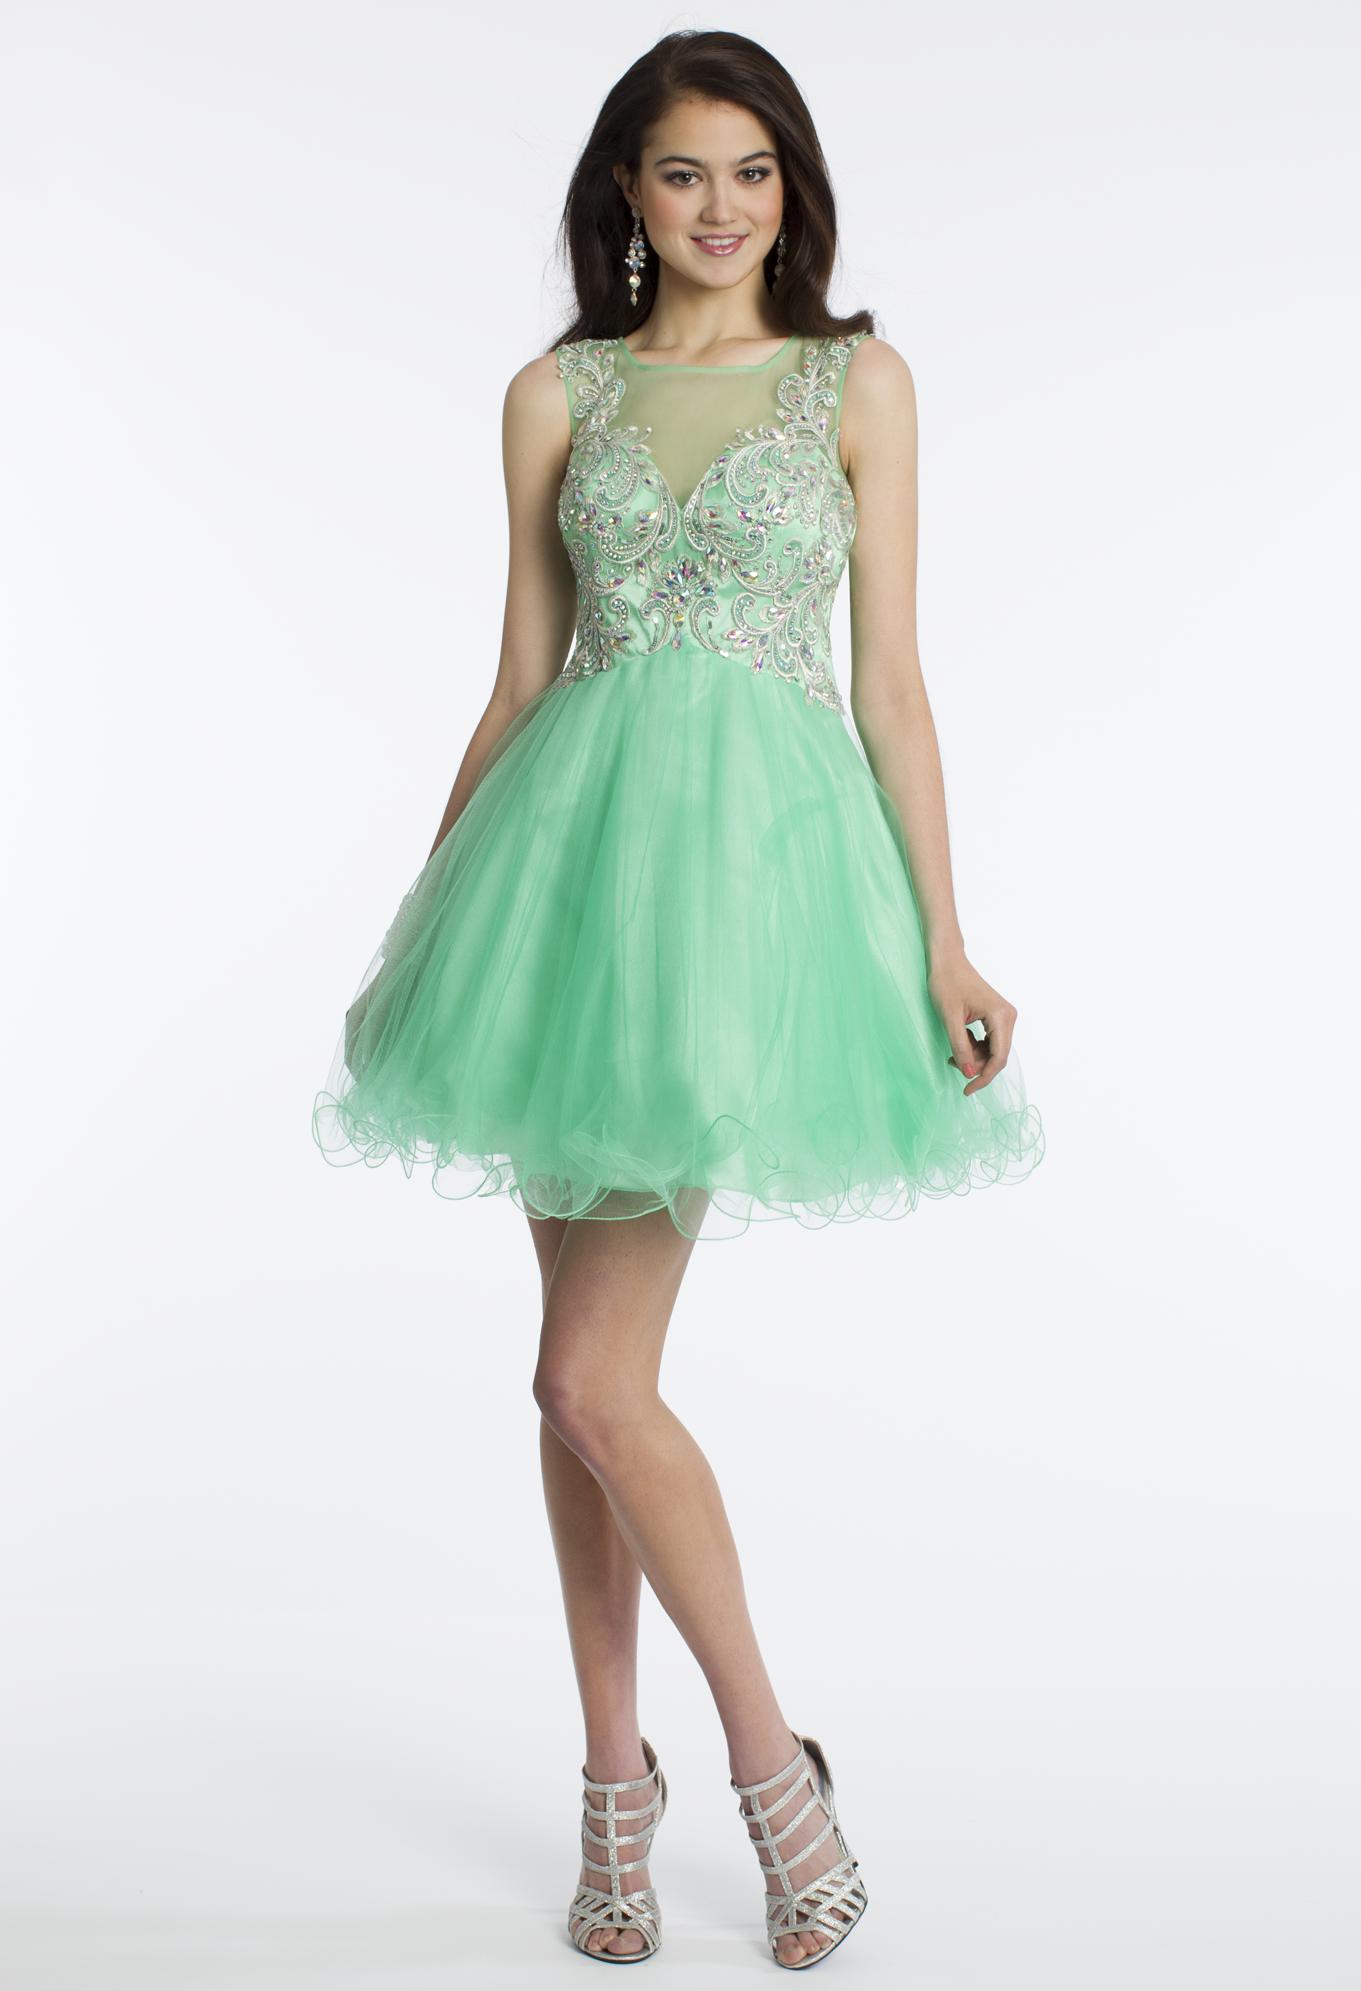 Camille la vie short illusion prom party dress gorgeous dresses